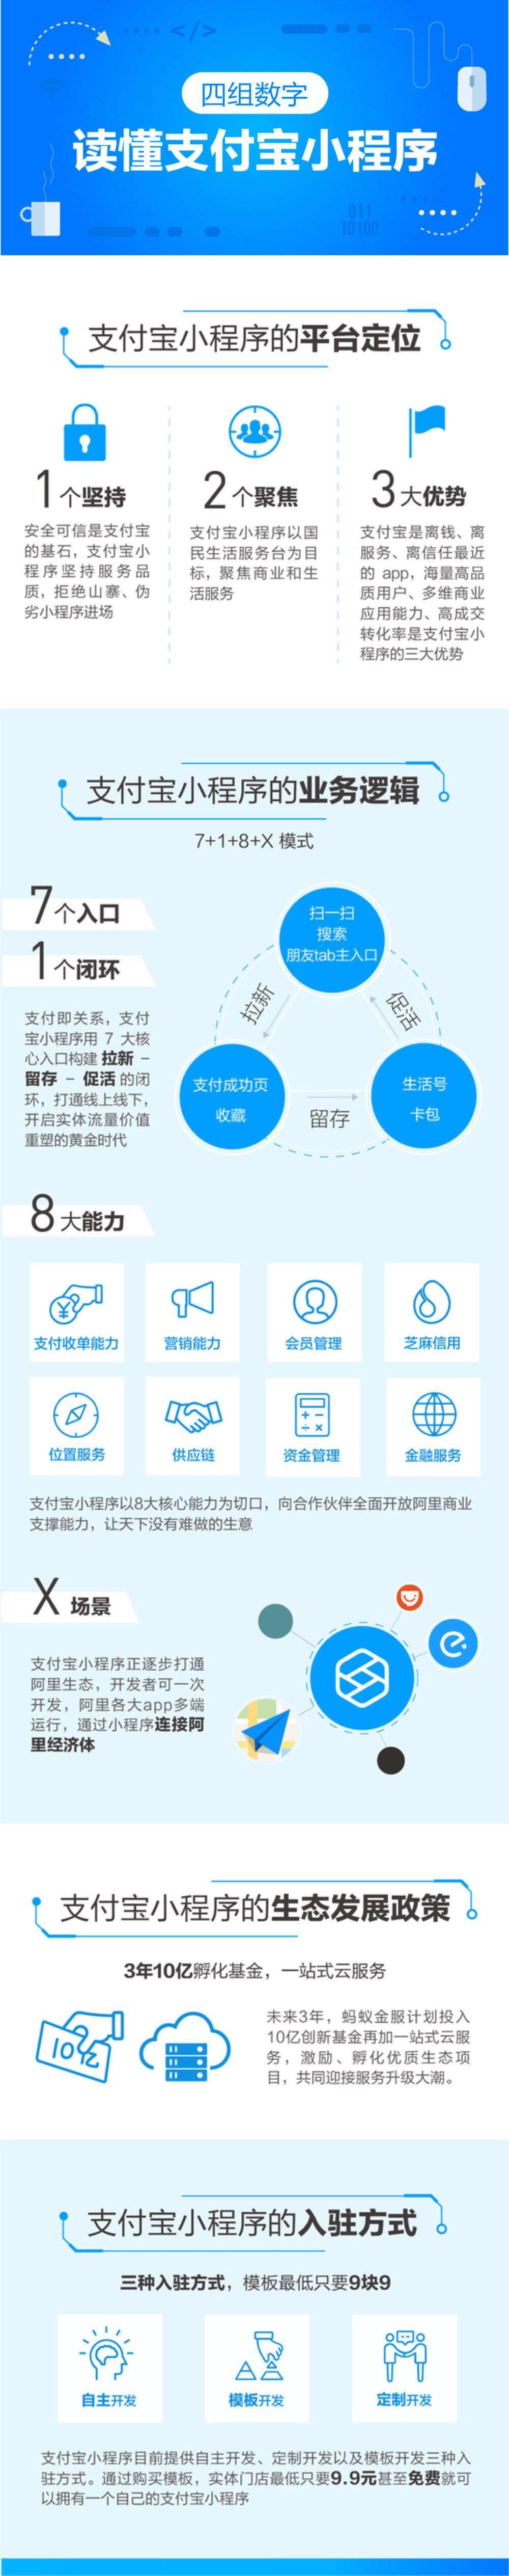 金沙网站手机版 1